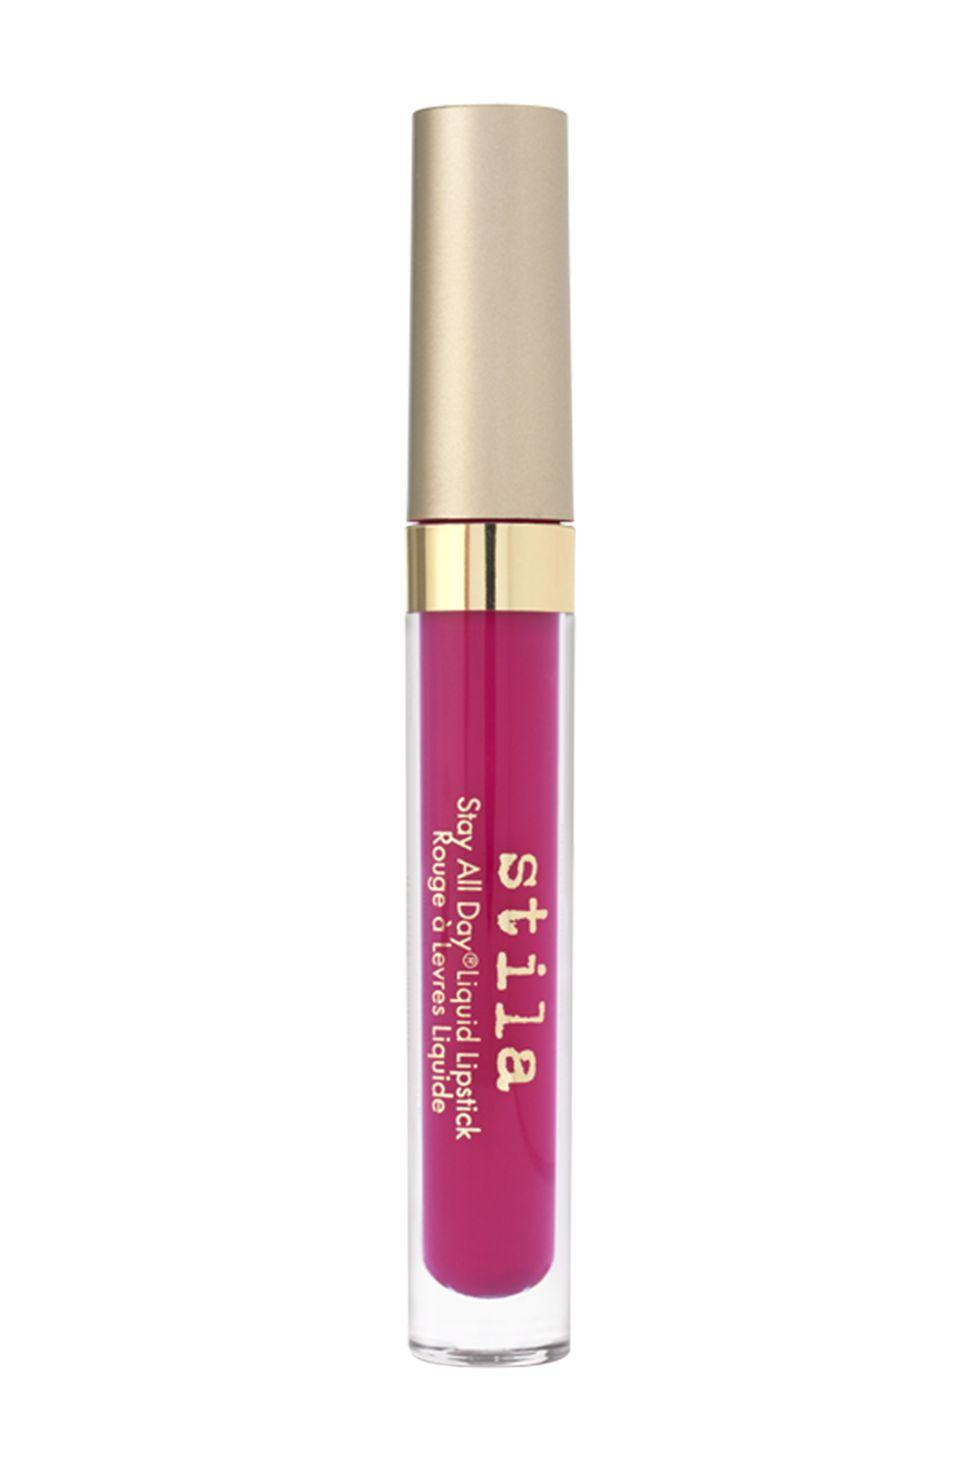 Stila All Day Liquid Lipstick in Bella